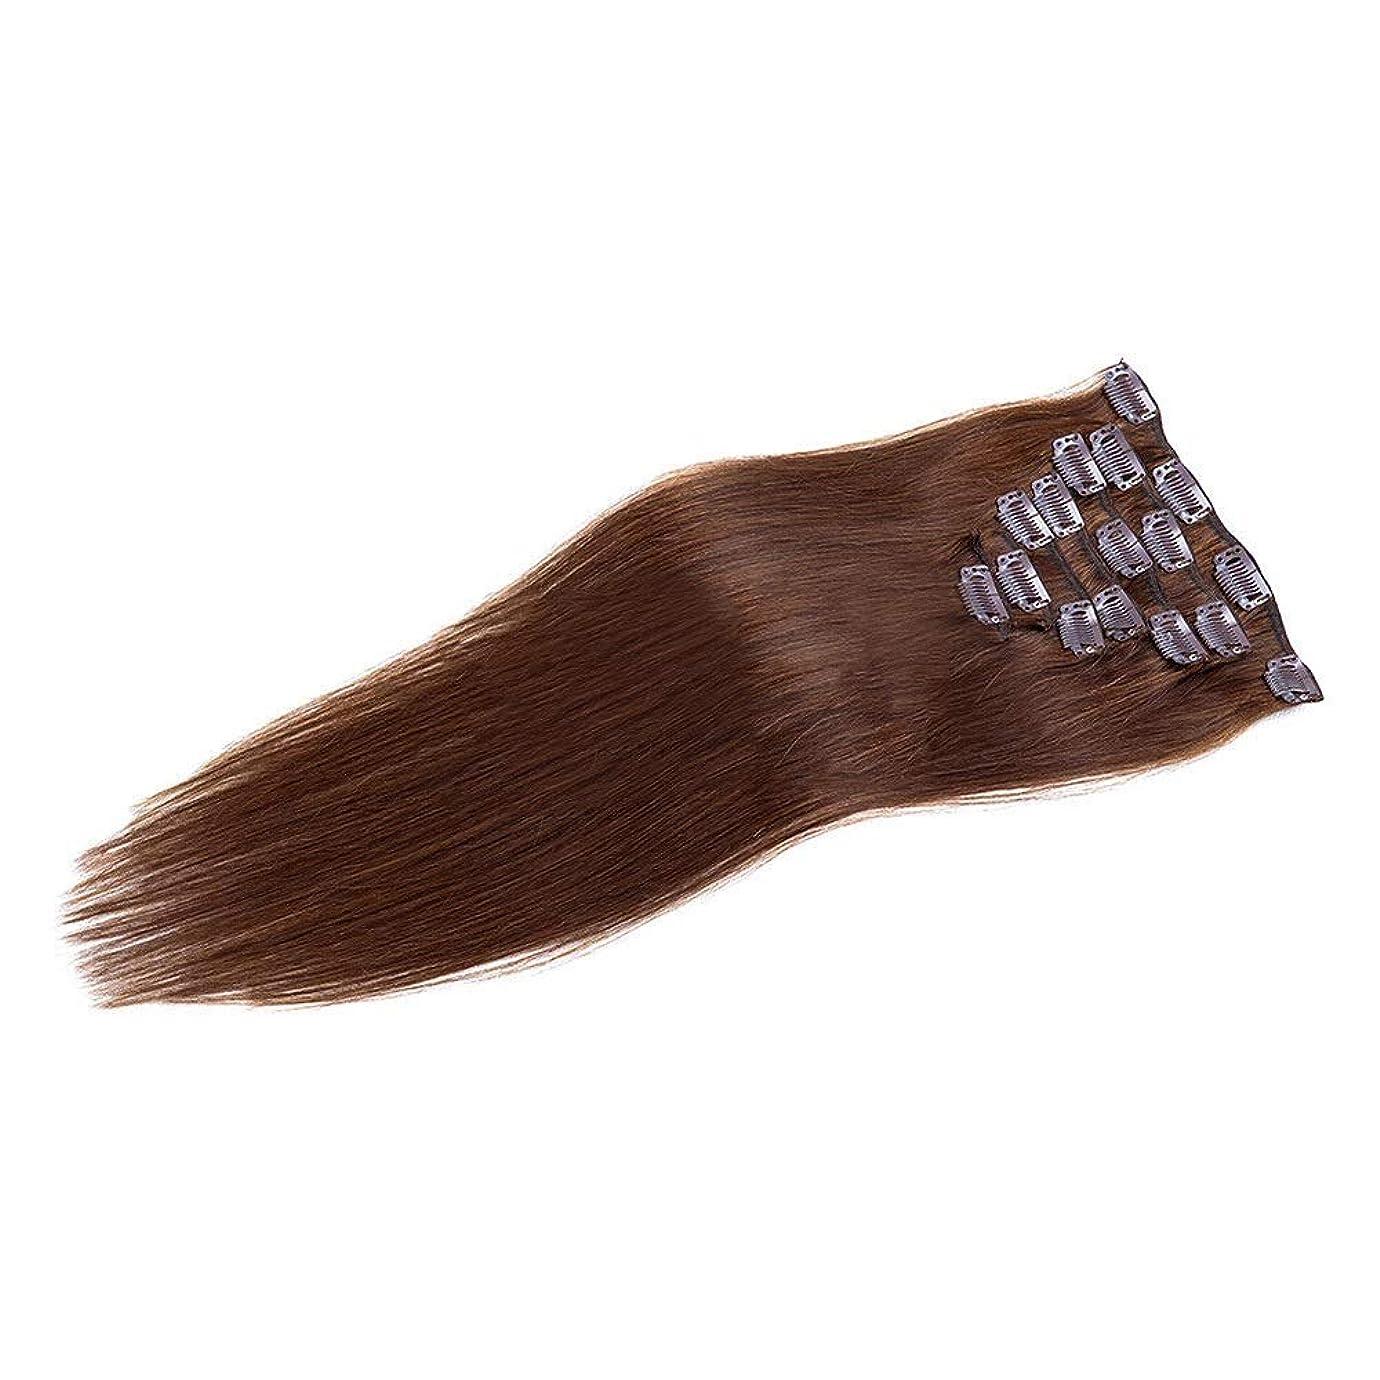 肺炎文化ボードHOHYLLYA 20インチヘアエクステンション100%人毛クリップイン - #4ダークブラウン7個フルヘッドストレートロールプレイングかつら女性のかつら (色 : #4 dark brown)